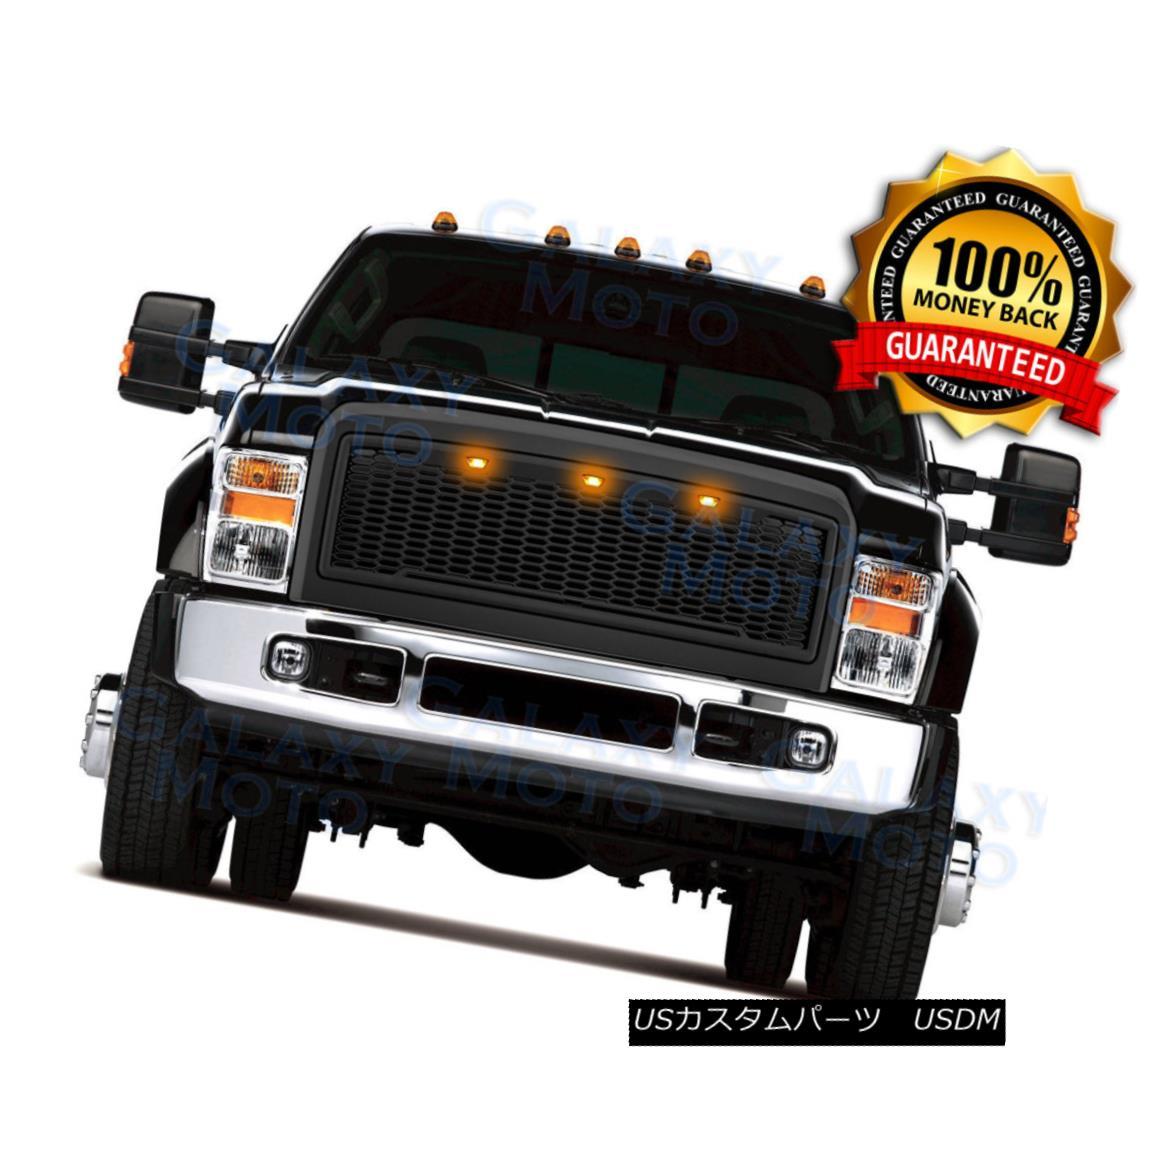 グリル 08-10 Ford Super Duty Raptor Matte Black Package Mesh Grille+Shell+Amber 3x LED 08-10フォードスーパーデューティラプトルマットブラックパッケージメッシュグリル+シェル+ mber 3x LED